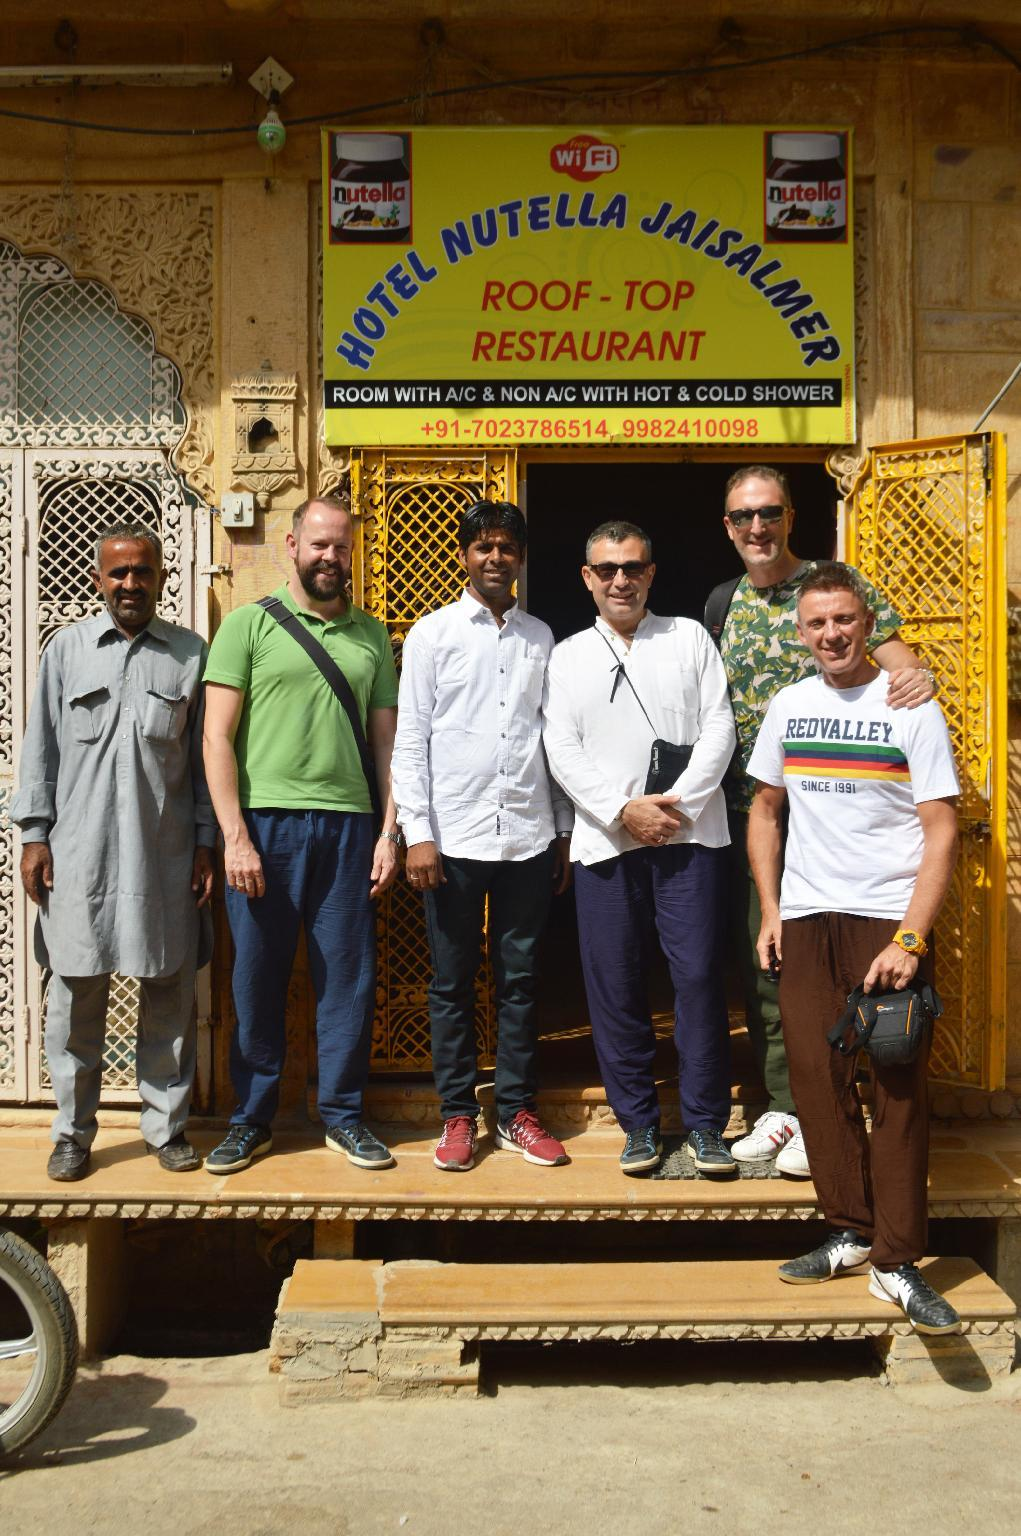 Hotel Nutella Jaisalmer